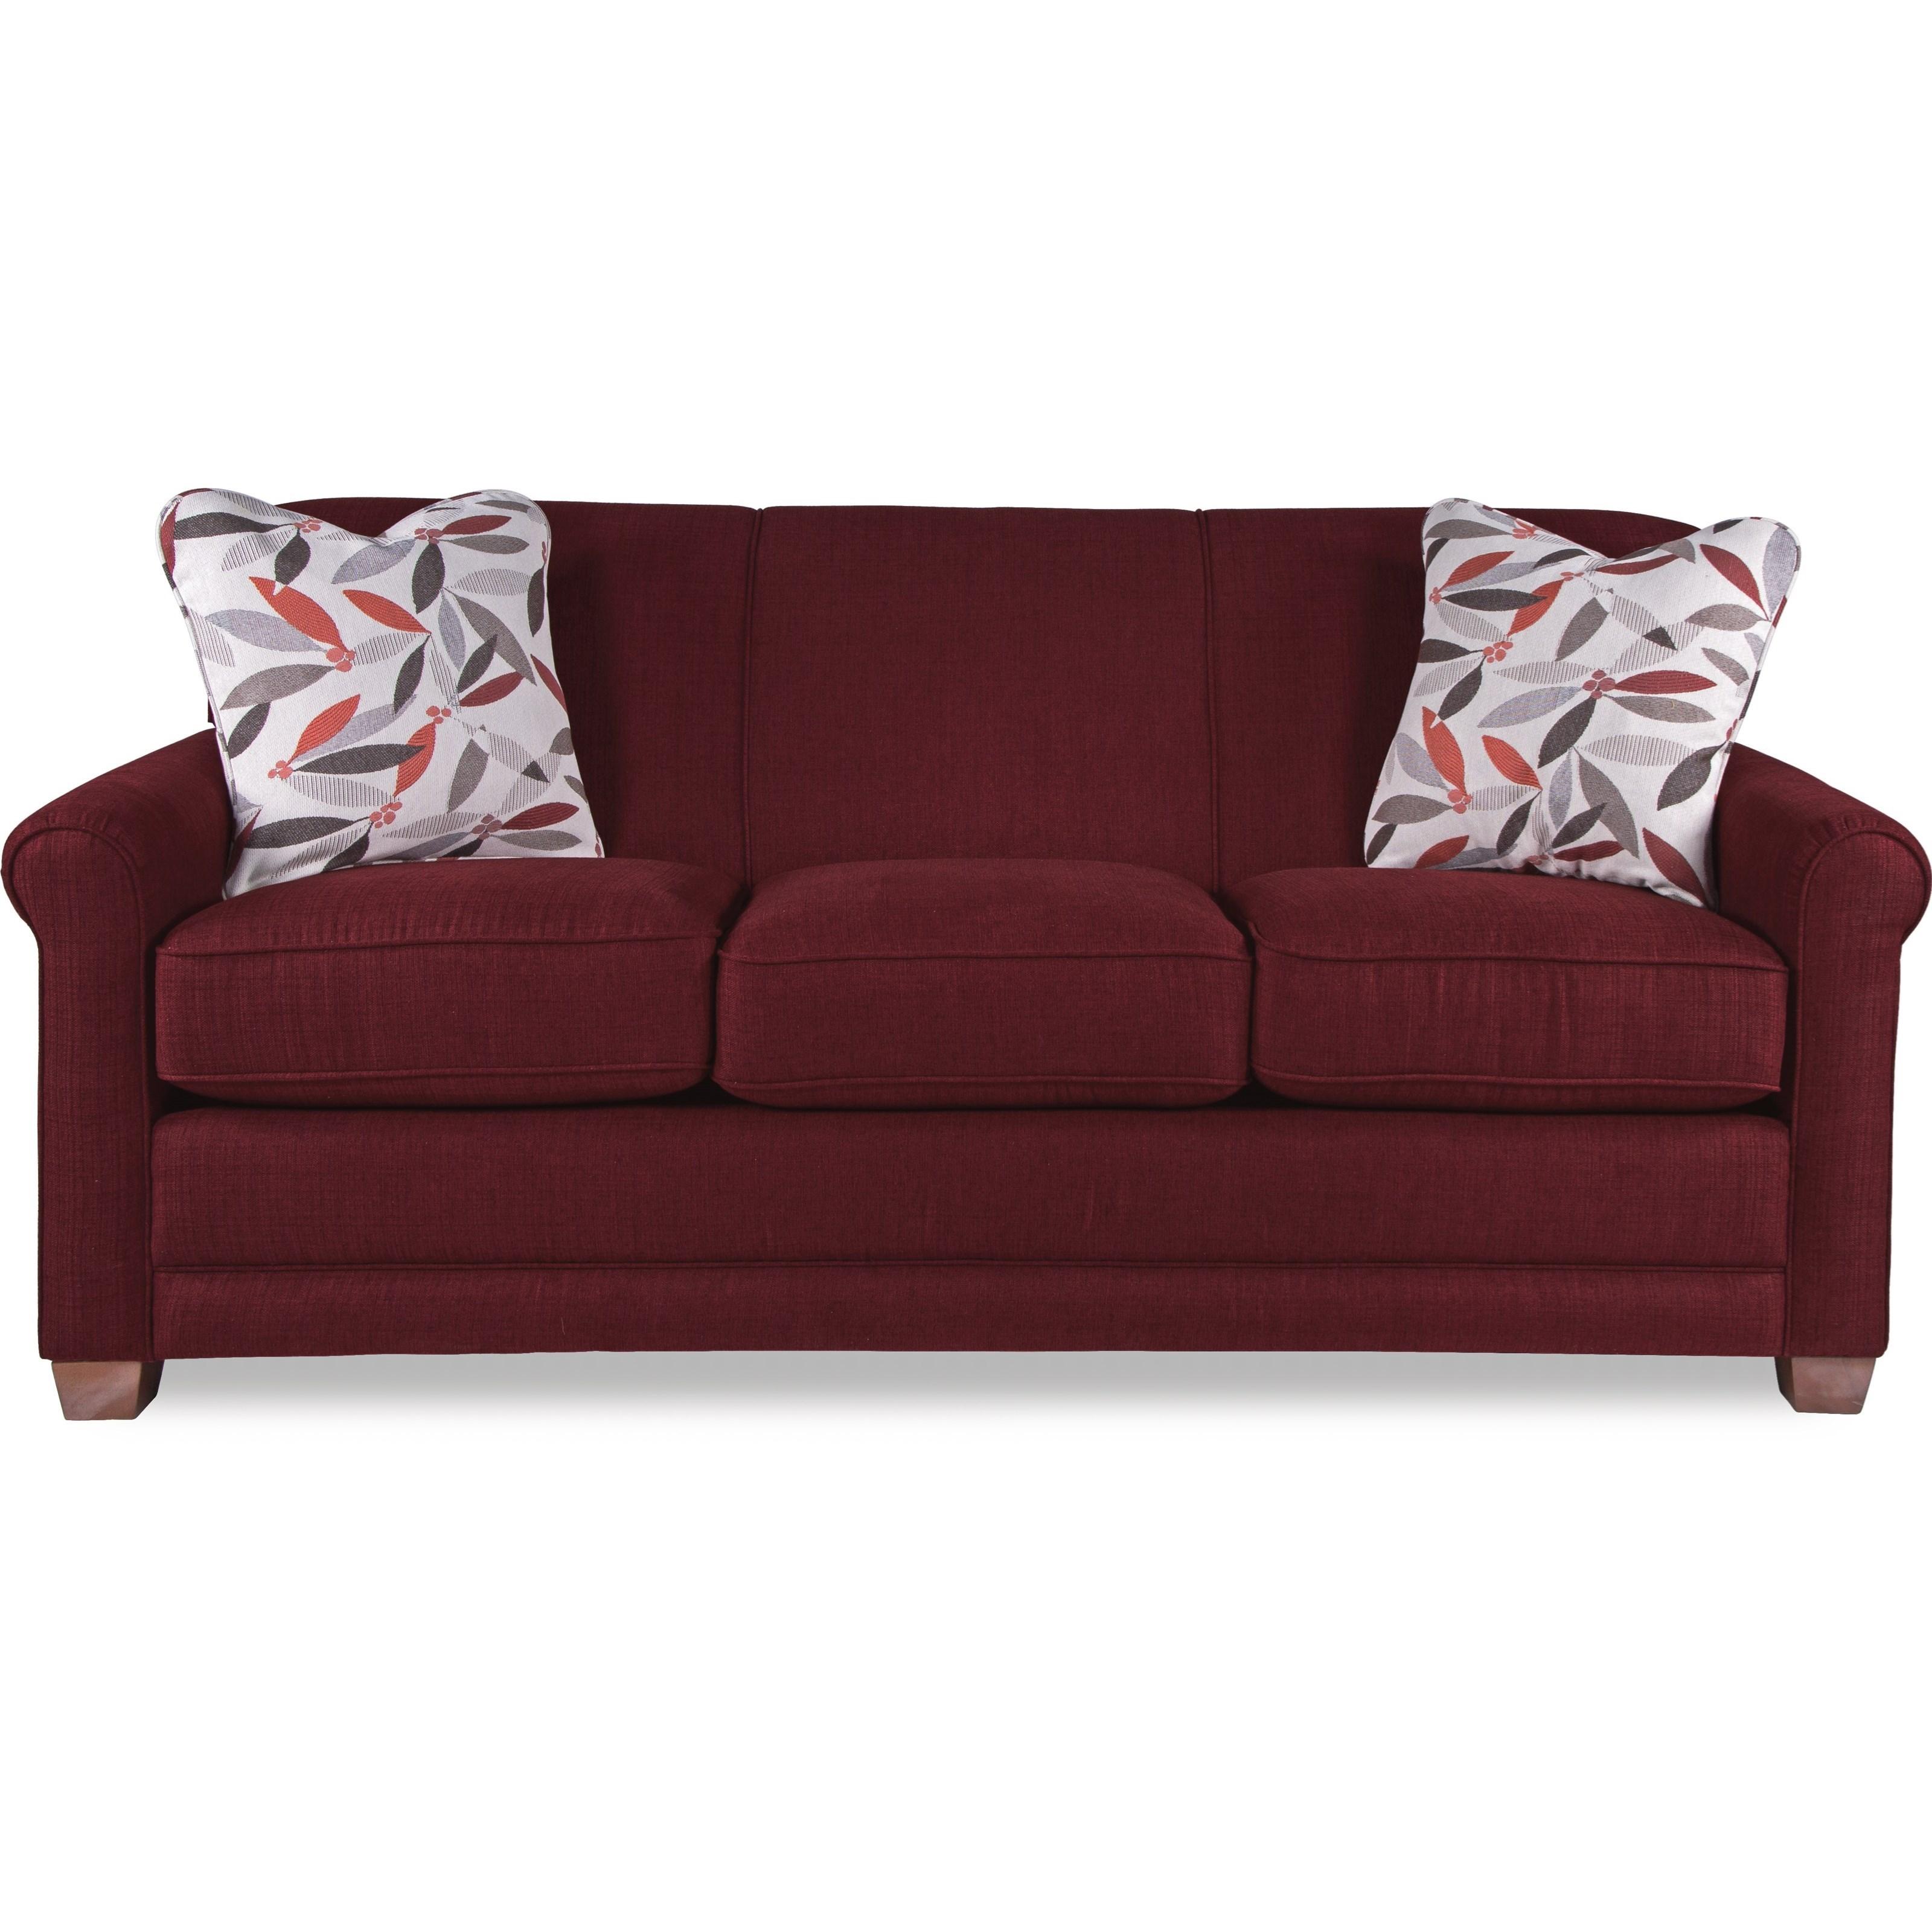 Amanda La-Z-Boy® Premier Sofa by La-Z-Boy at Fisher Home Furnishings